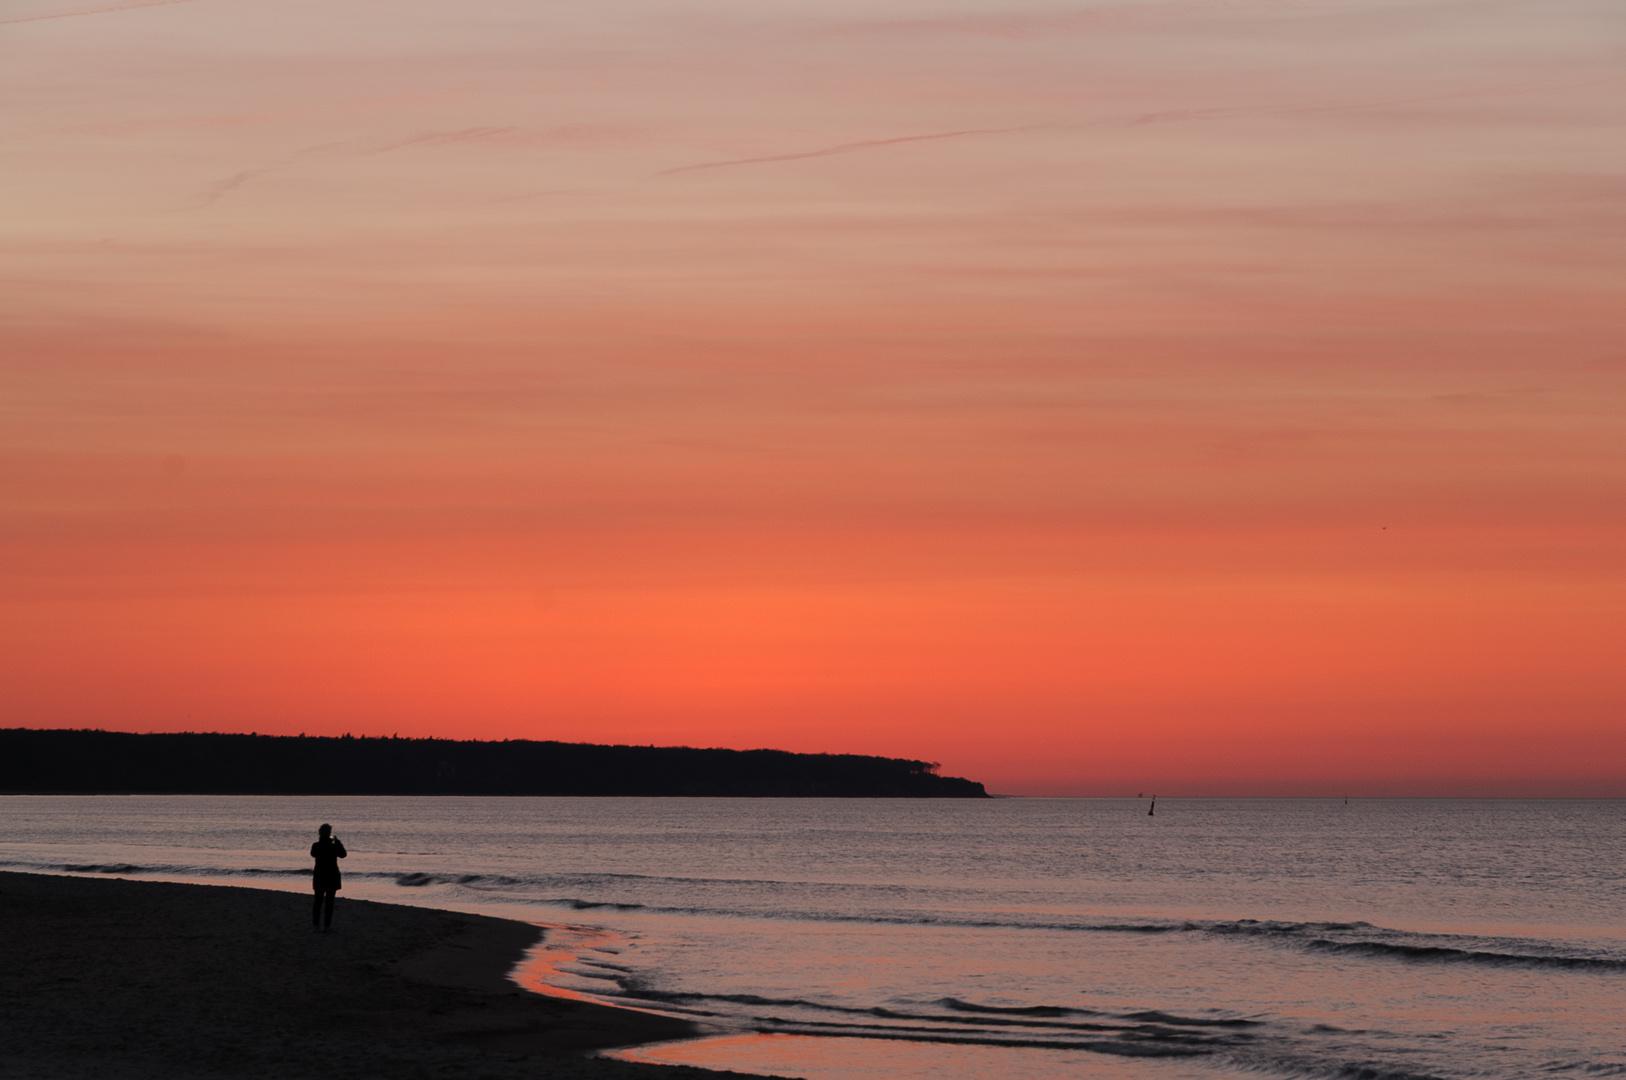 Sonnenuntergang an der Ostsee Warnemünde